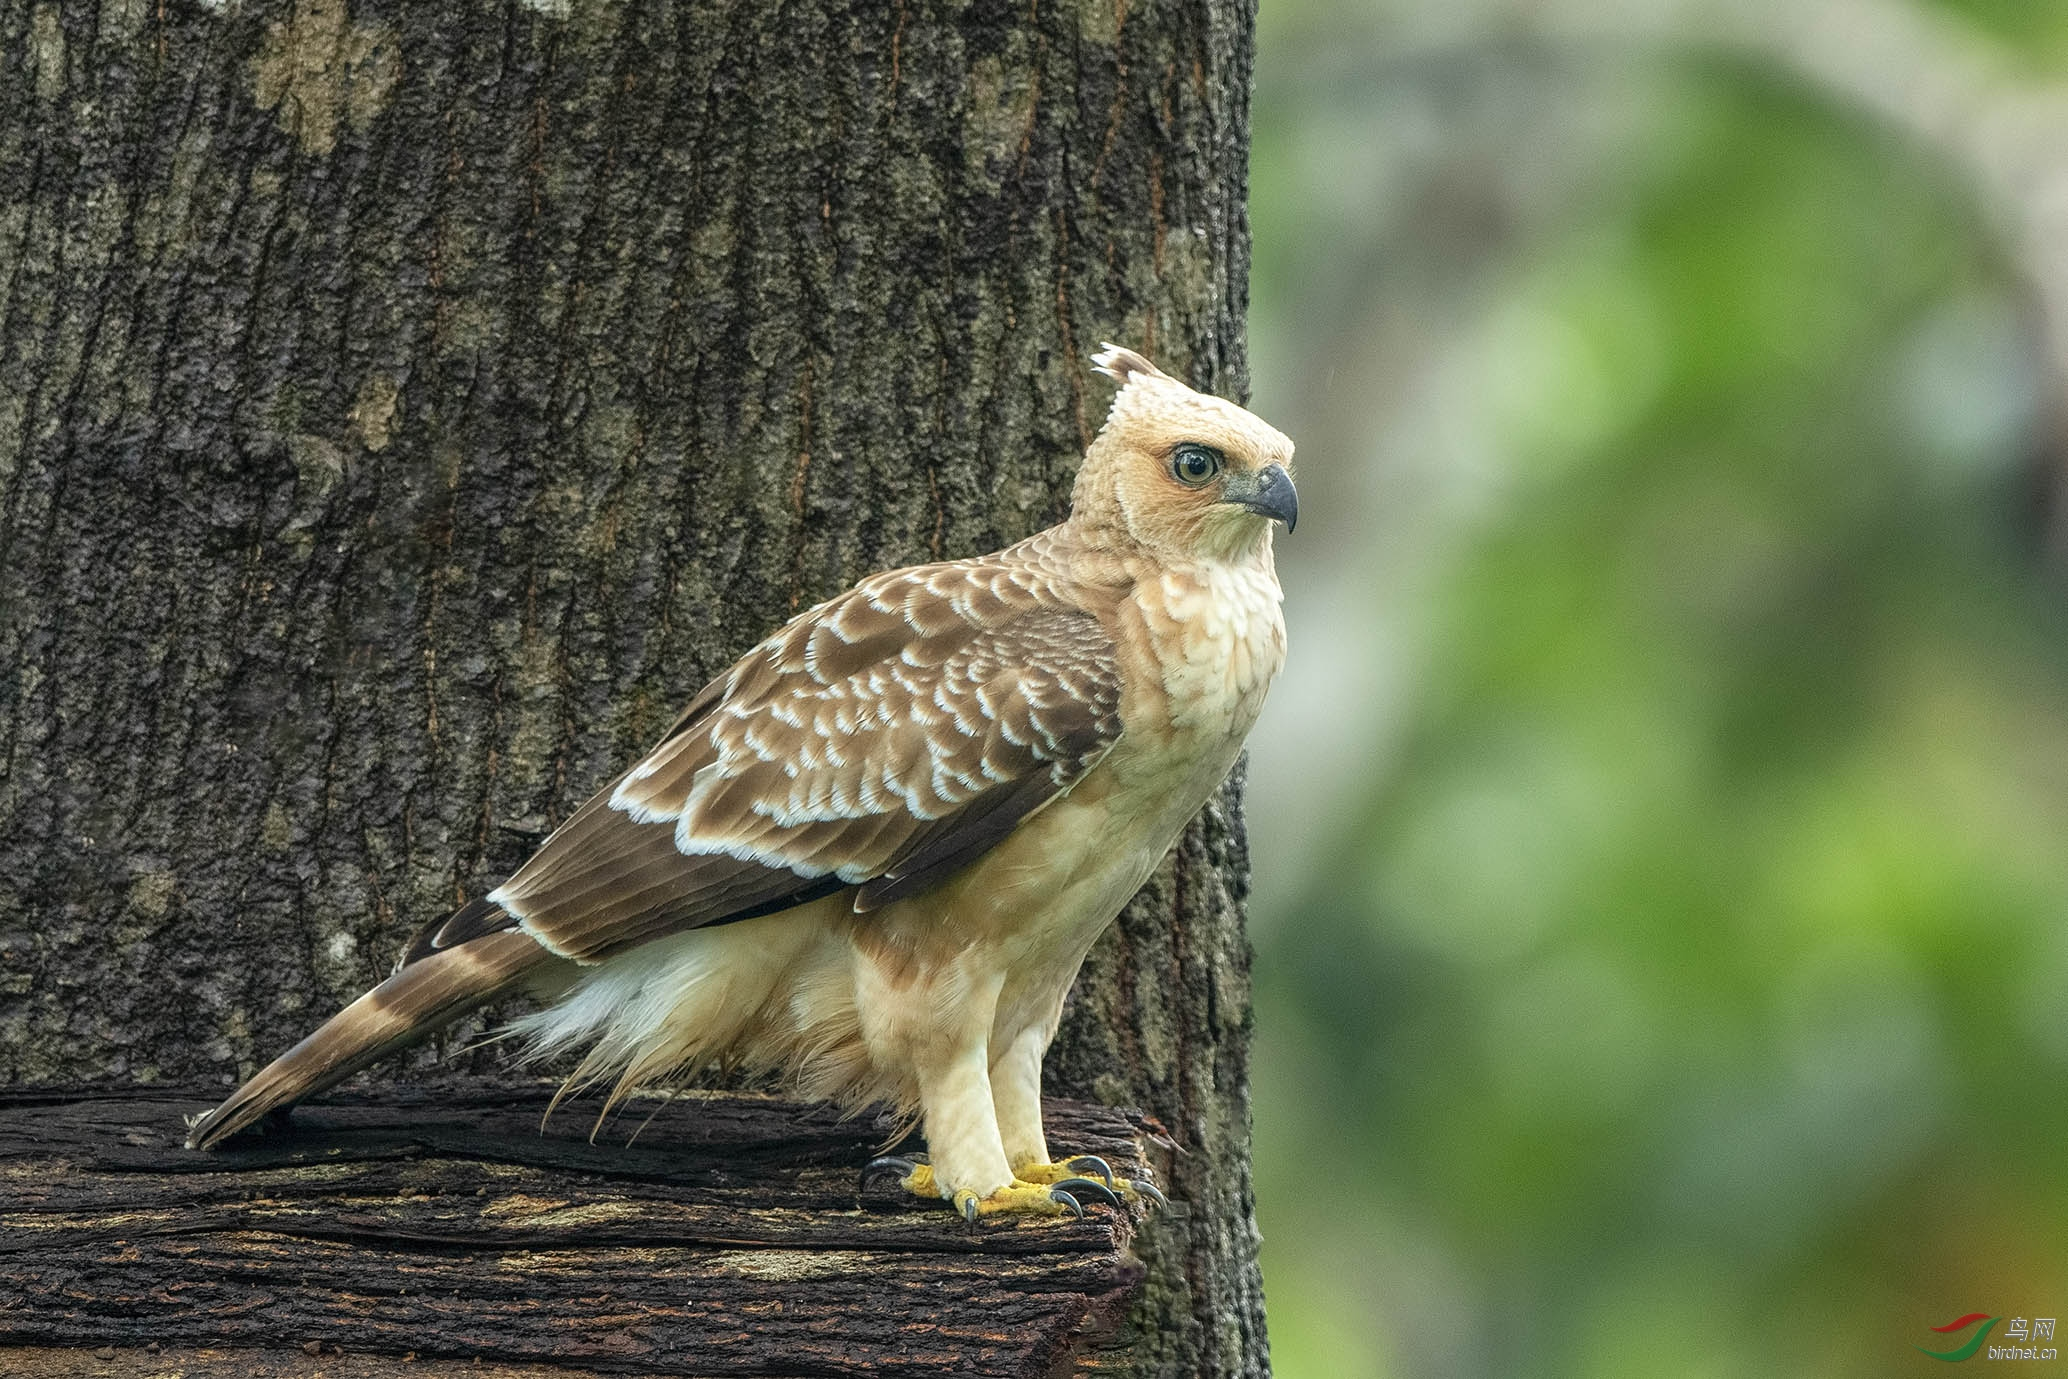 Sabah birds jpg_008.jpg